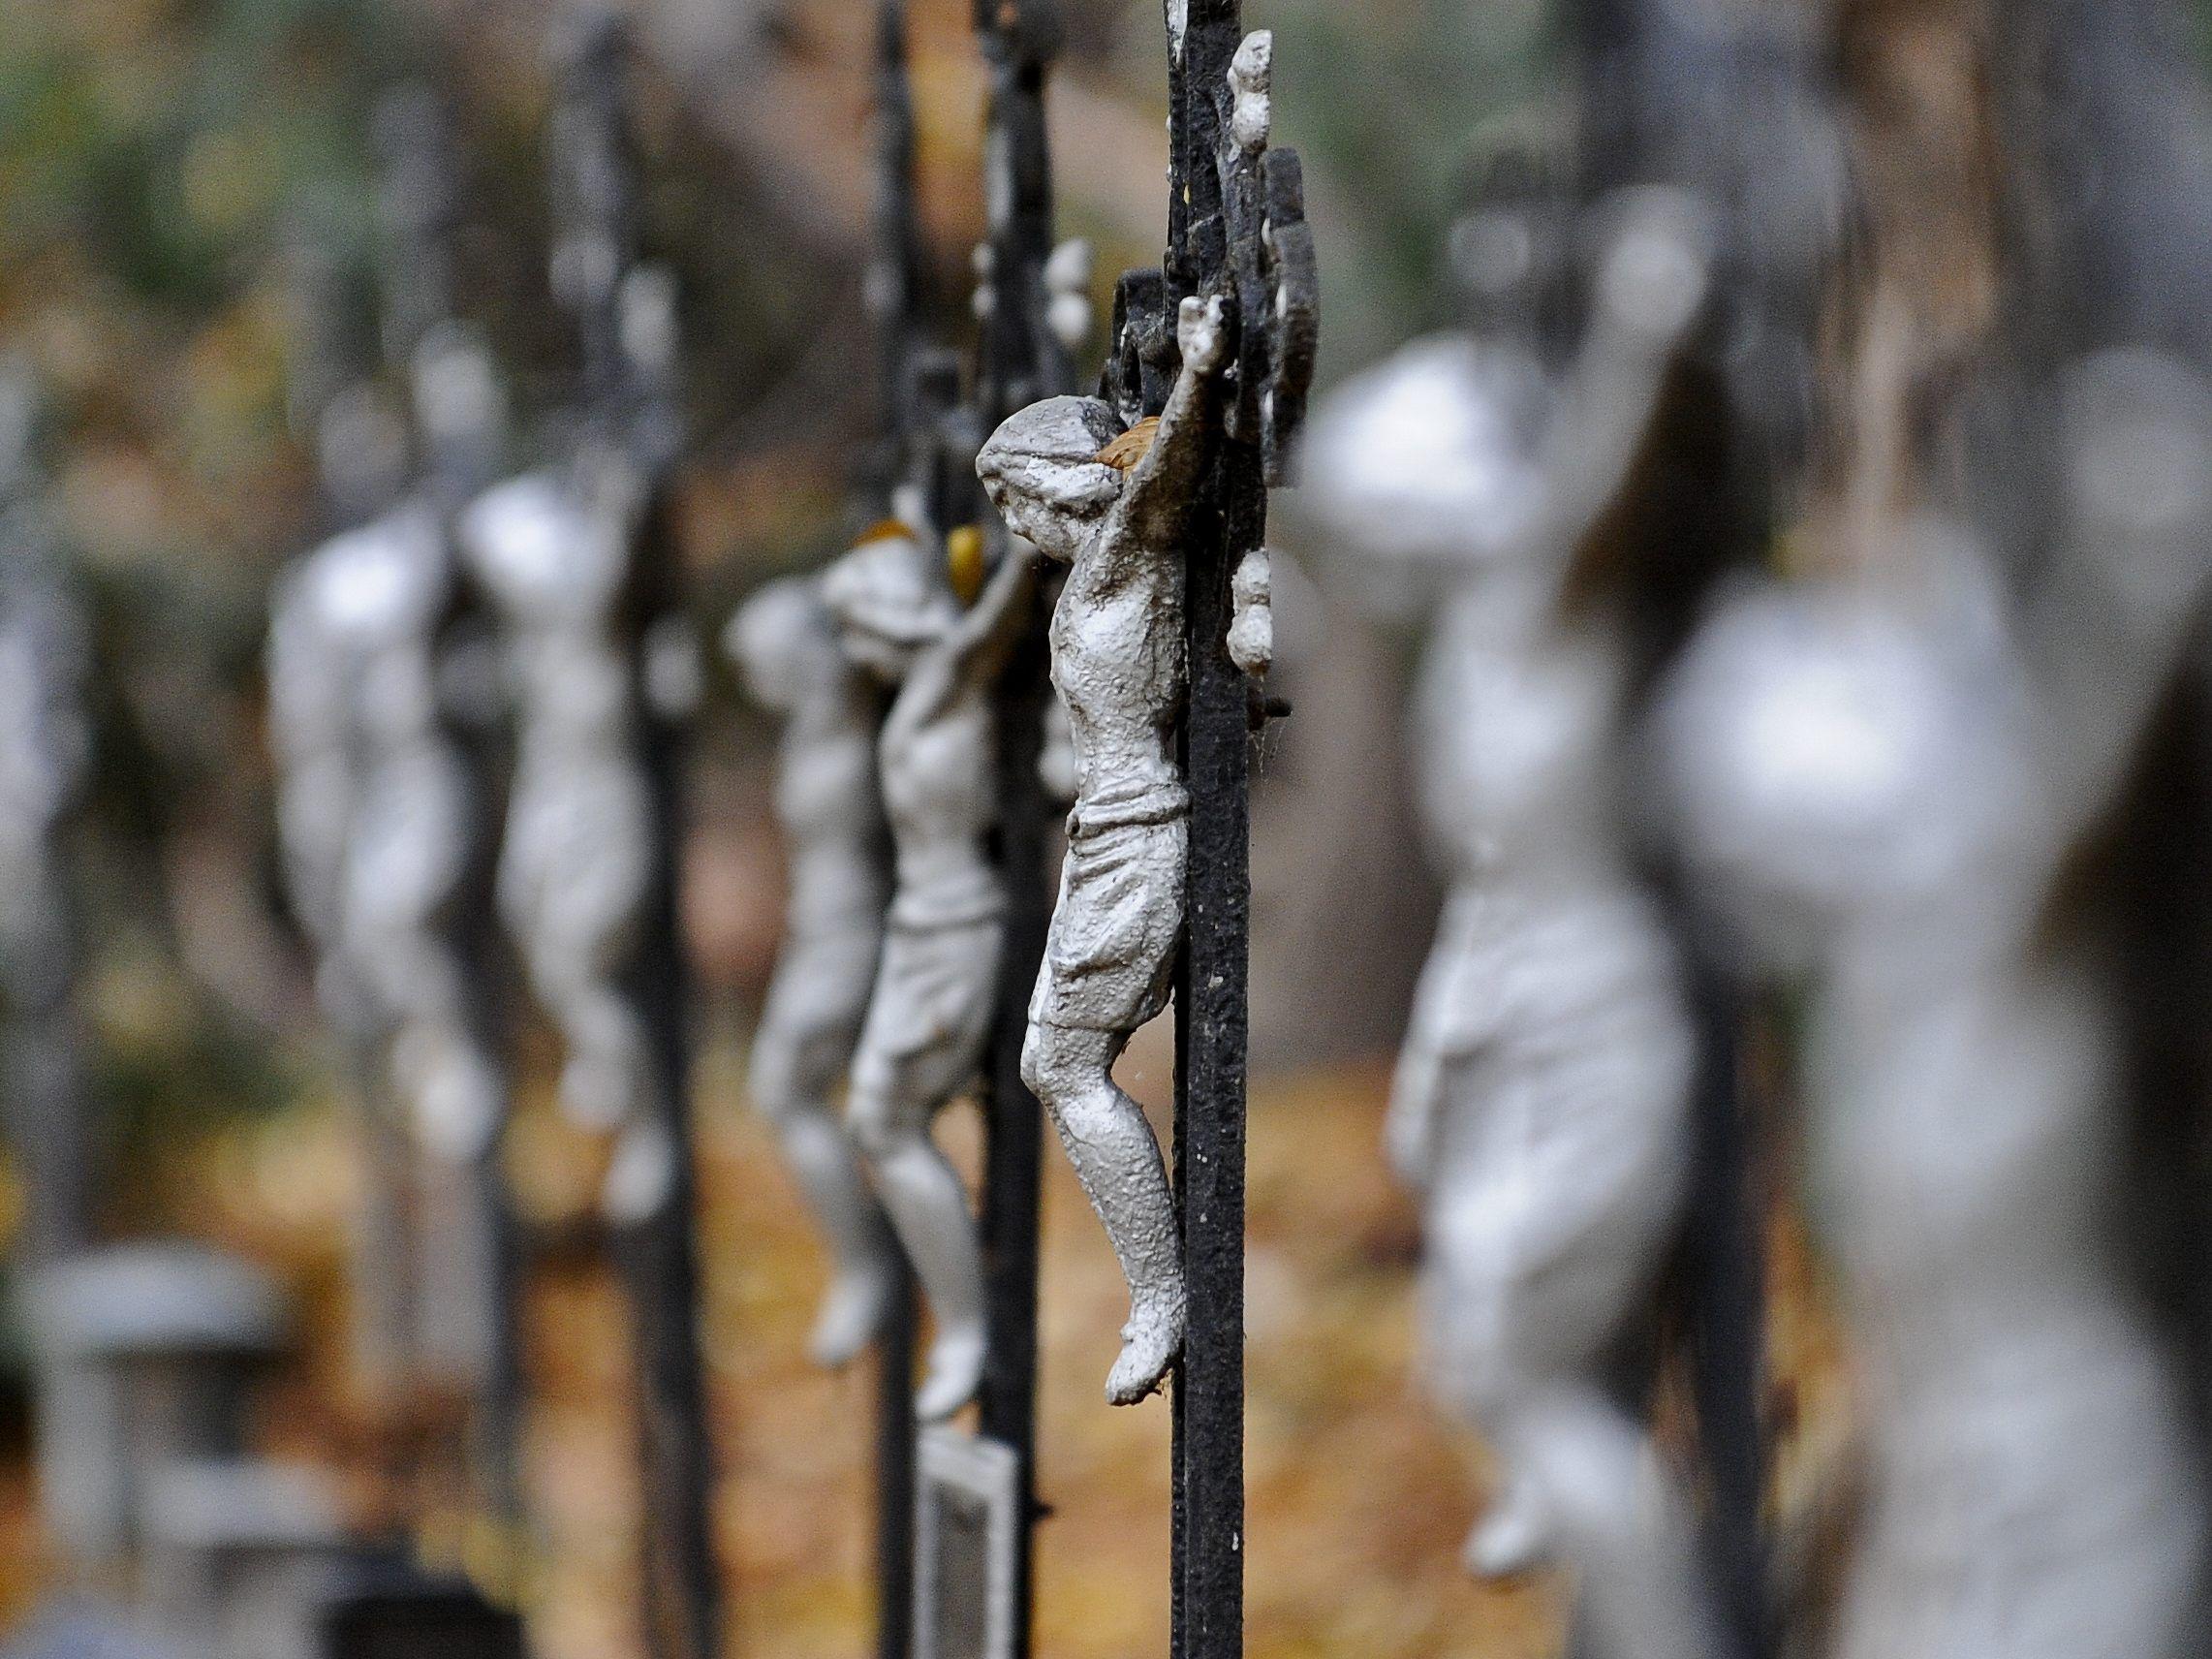 Bestattung Wien So änderte Sich Der Begräbnis Kult In Den Letzten